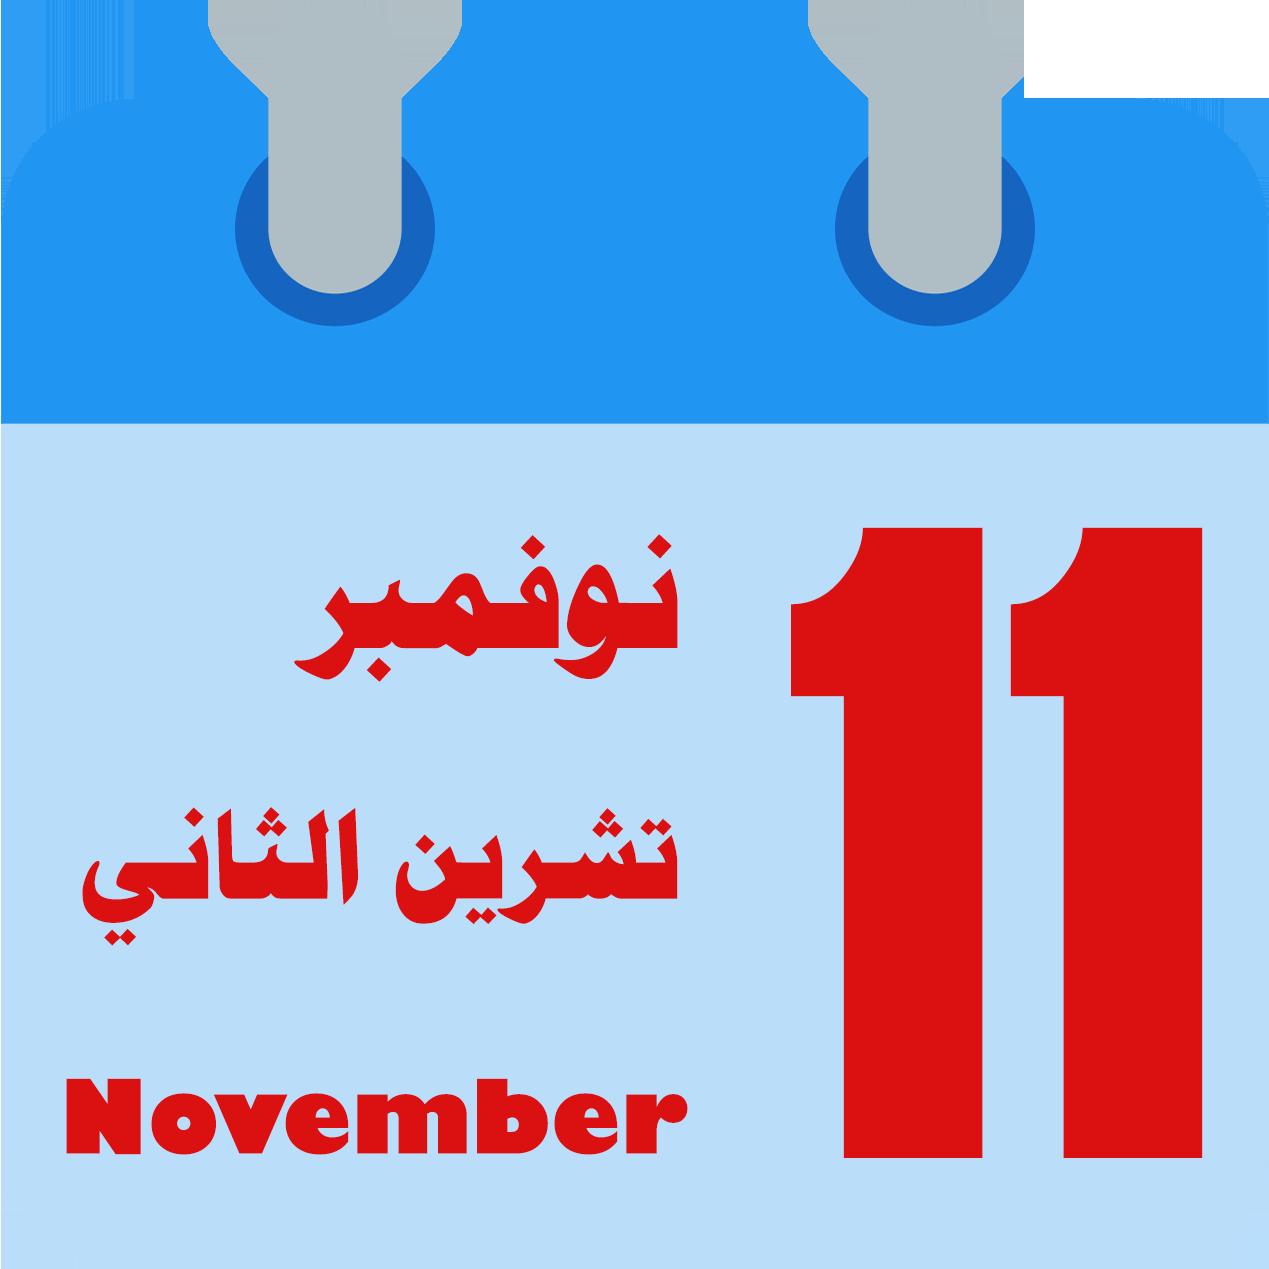 شهر نوفمبر